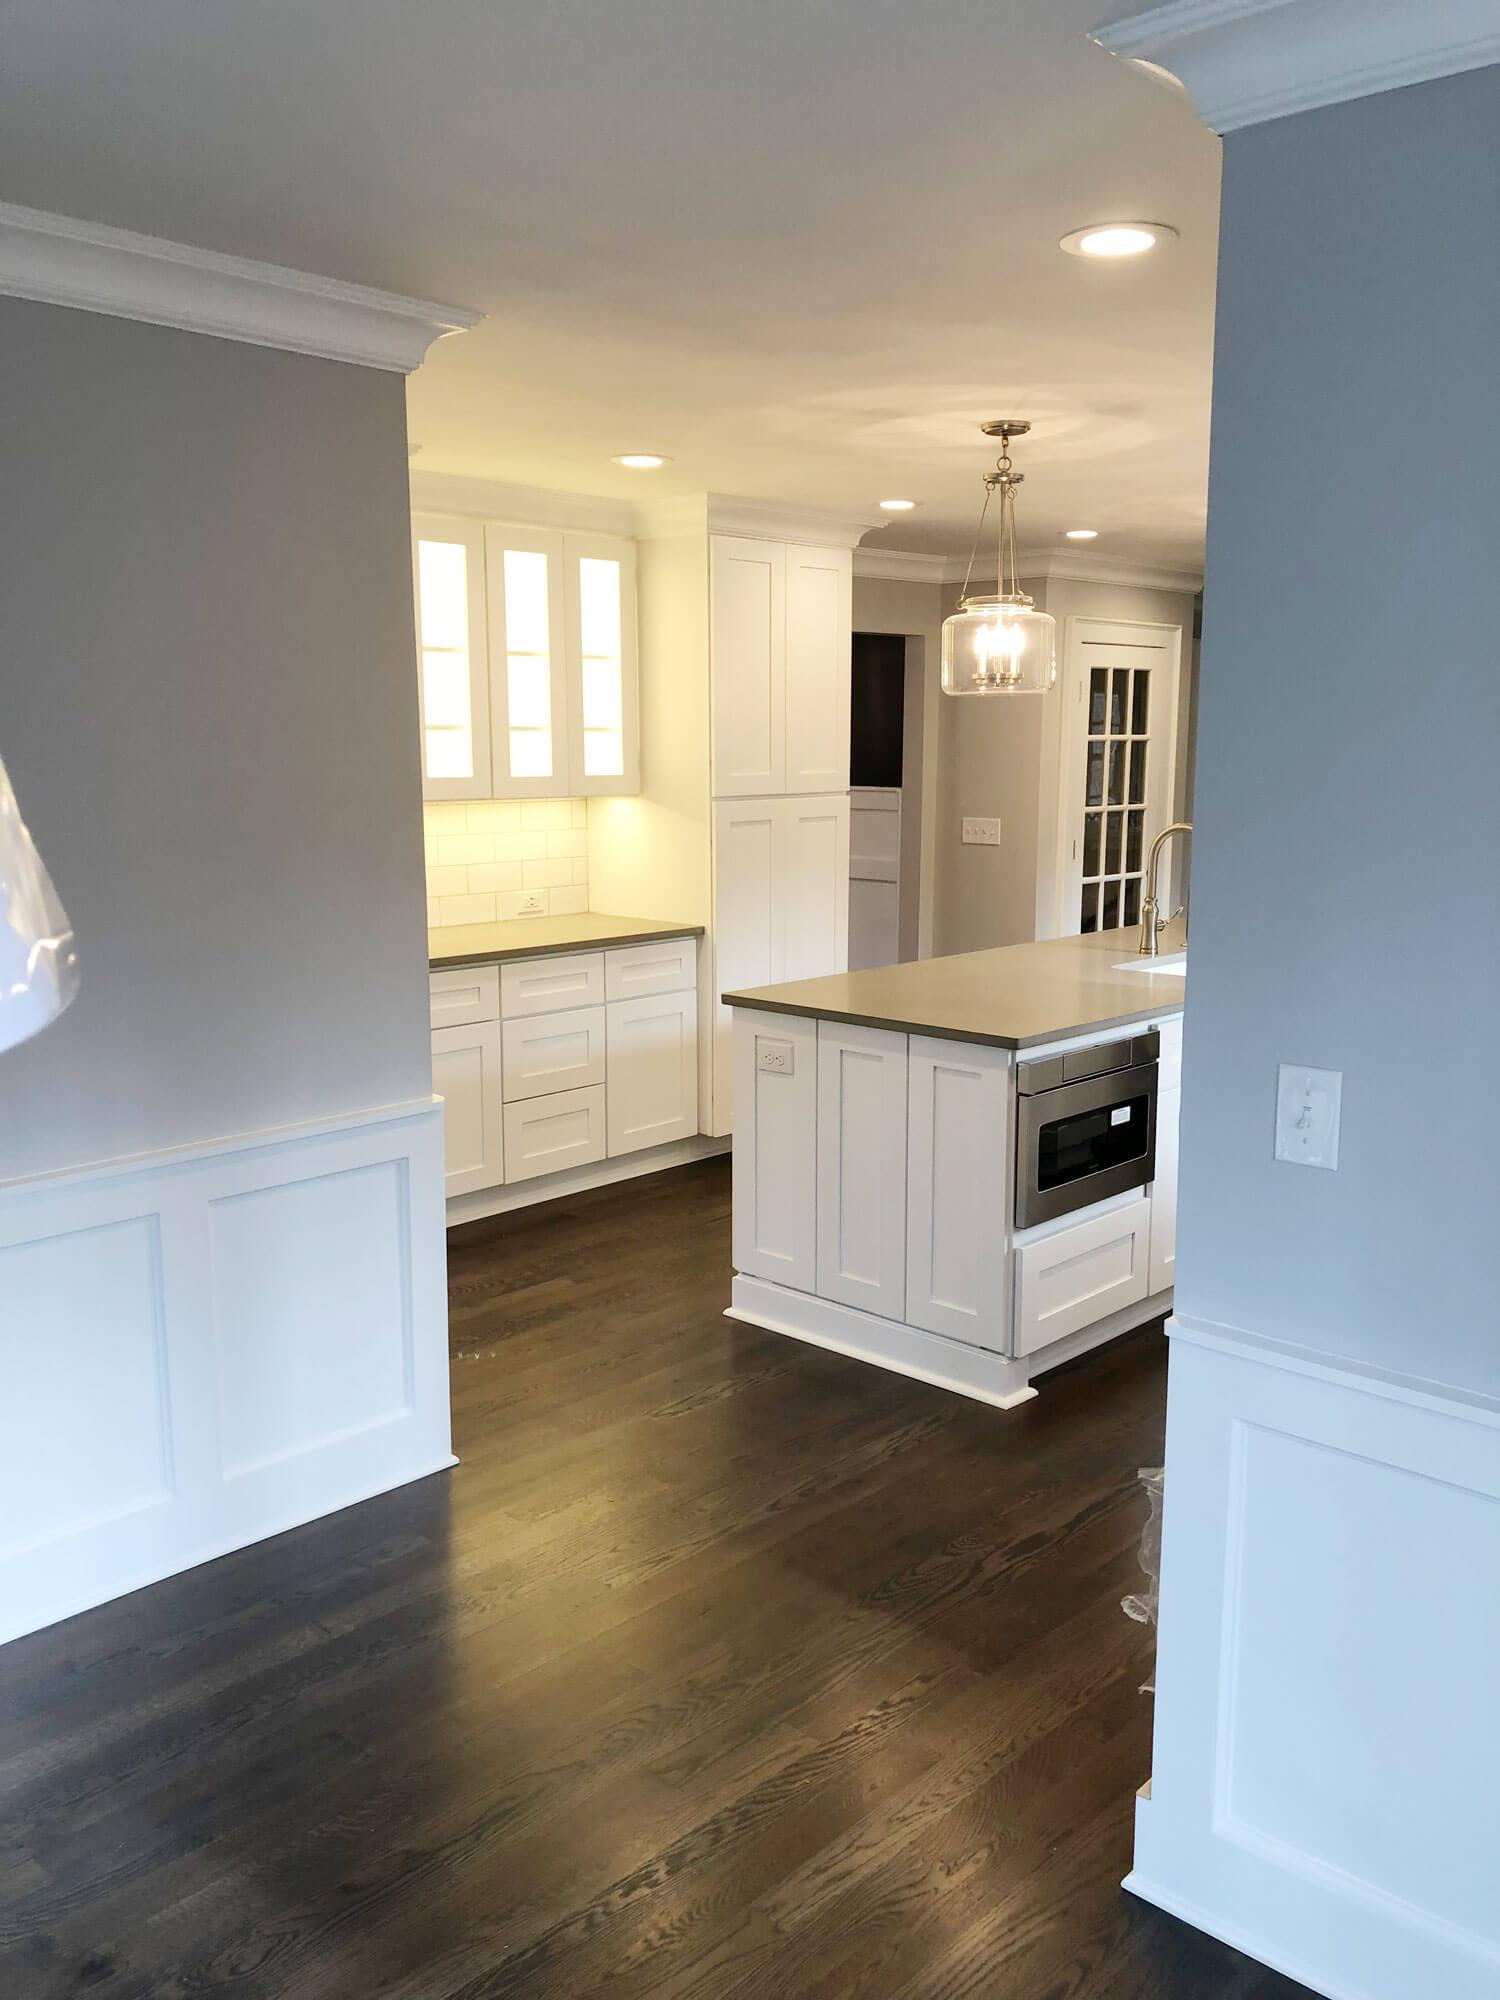 New-Kitchen-from-kitchenette